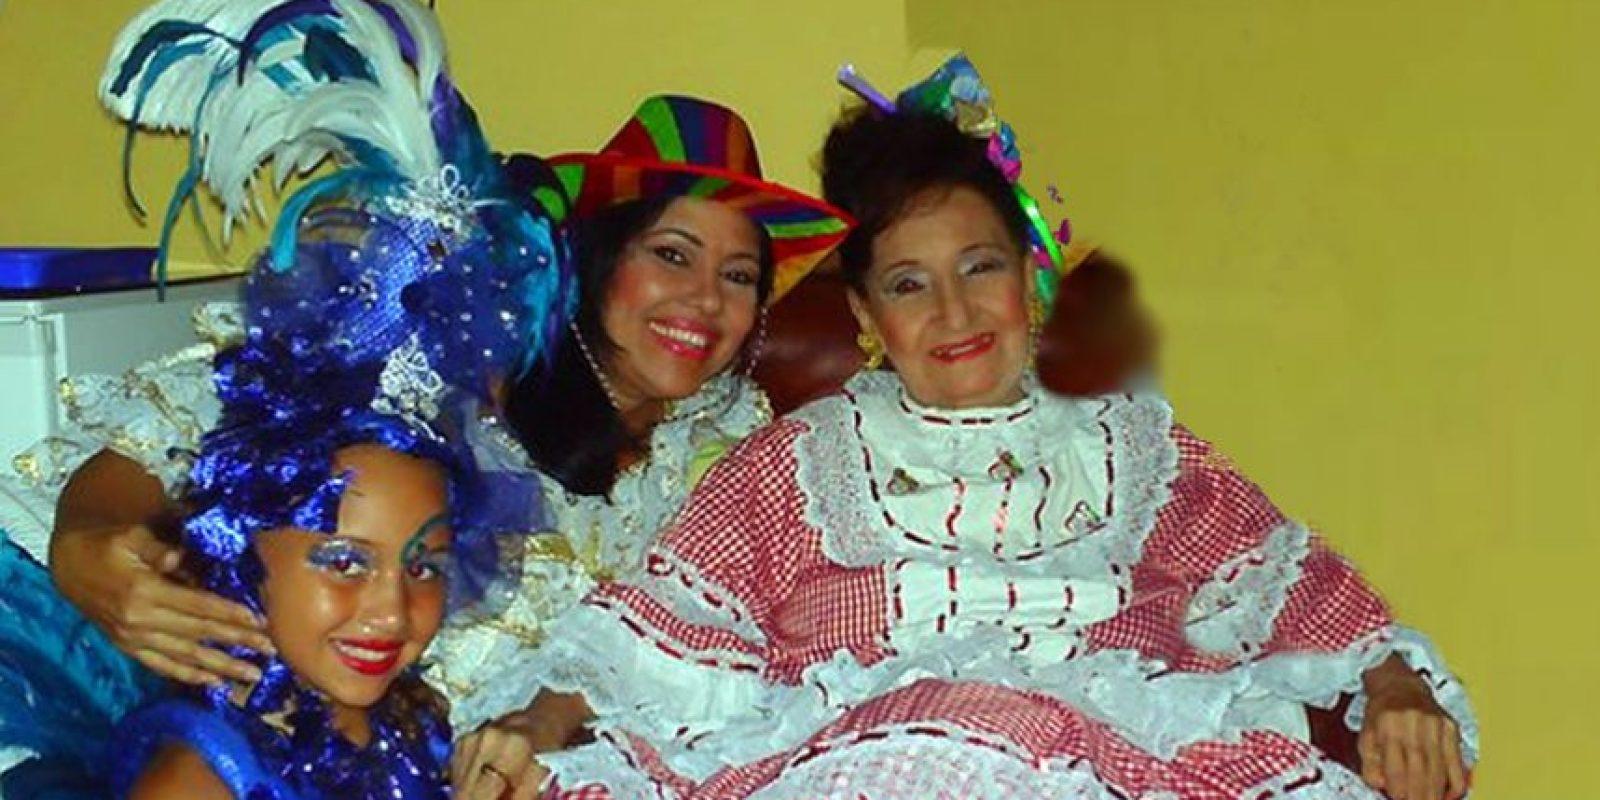 Teresa junto a su hija y abuela. Foto:Teresa González